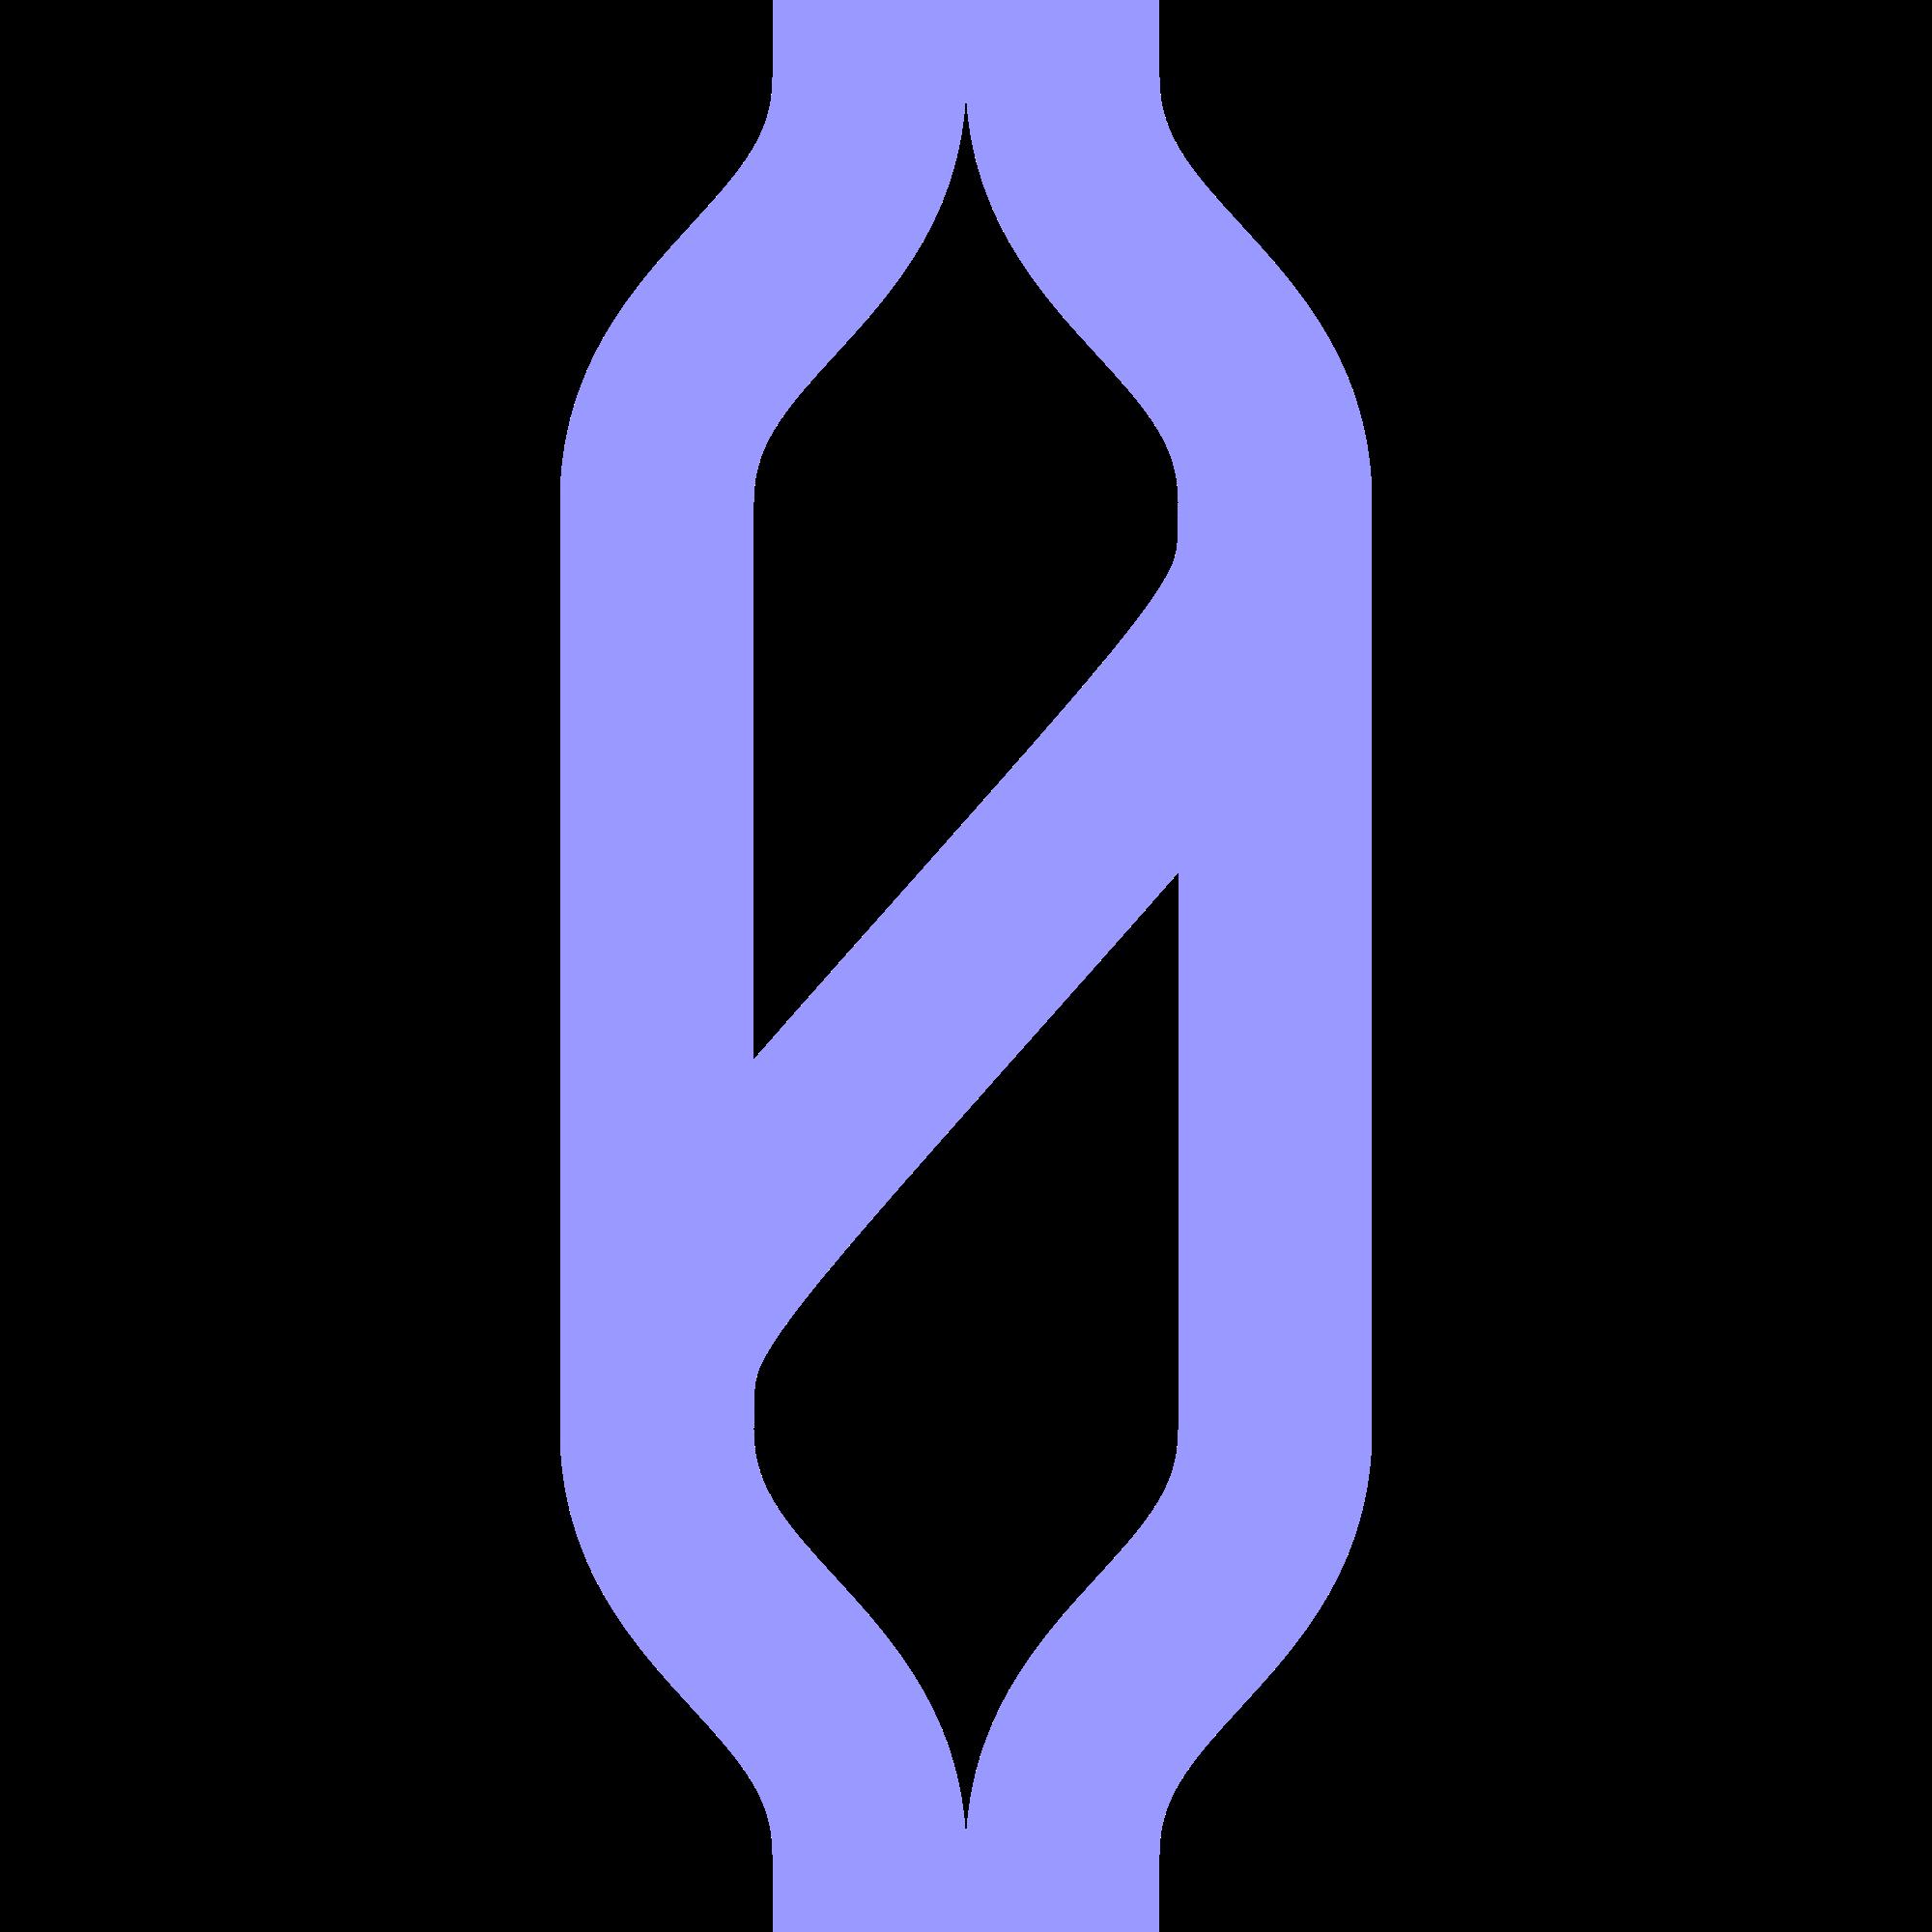 Lavender clipart svg. File bsicon str wikimedia